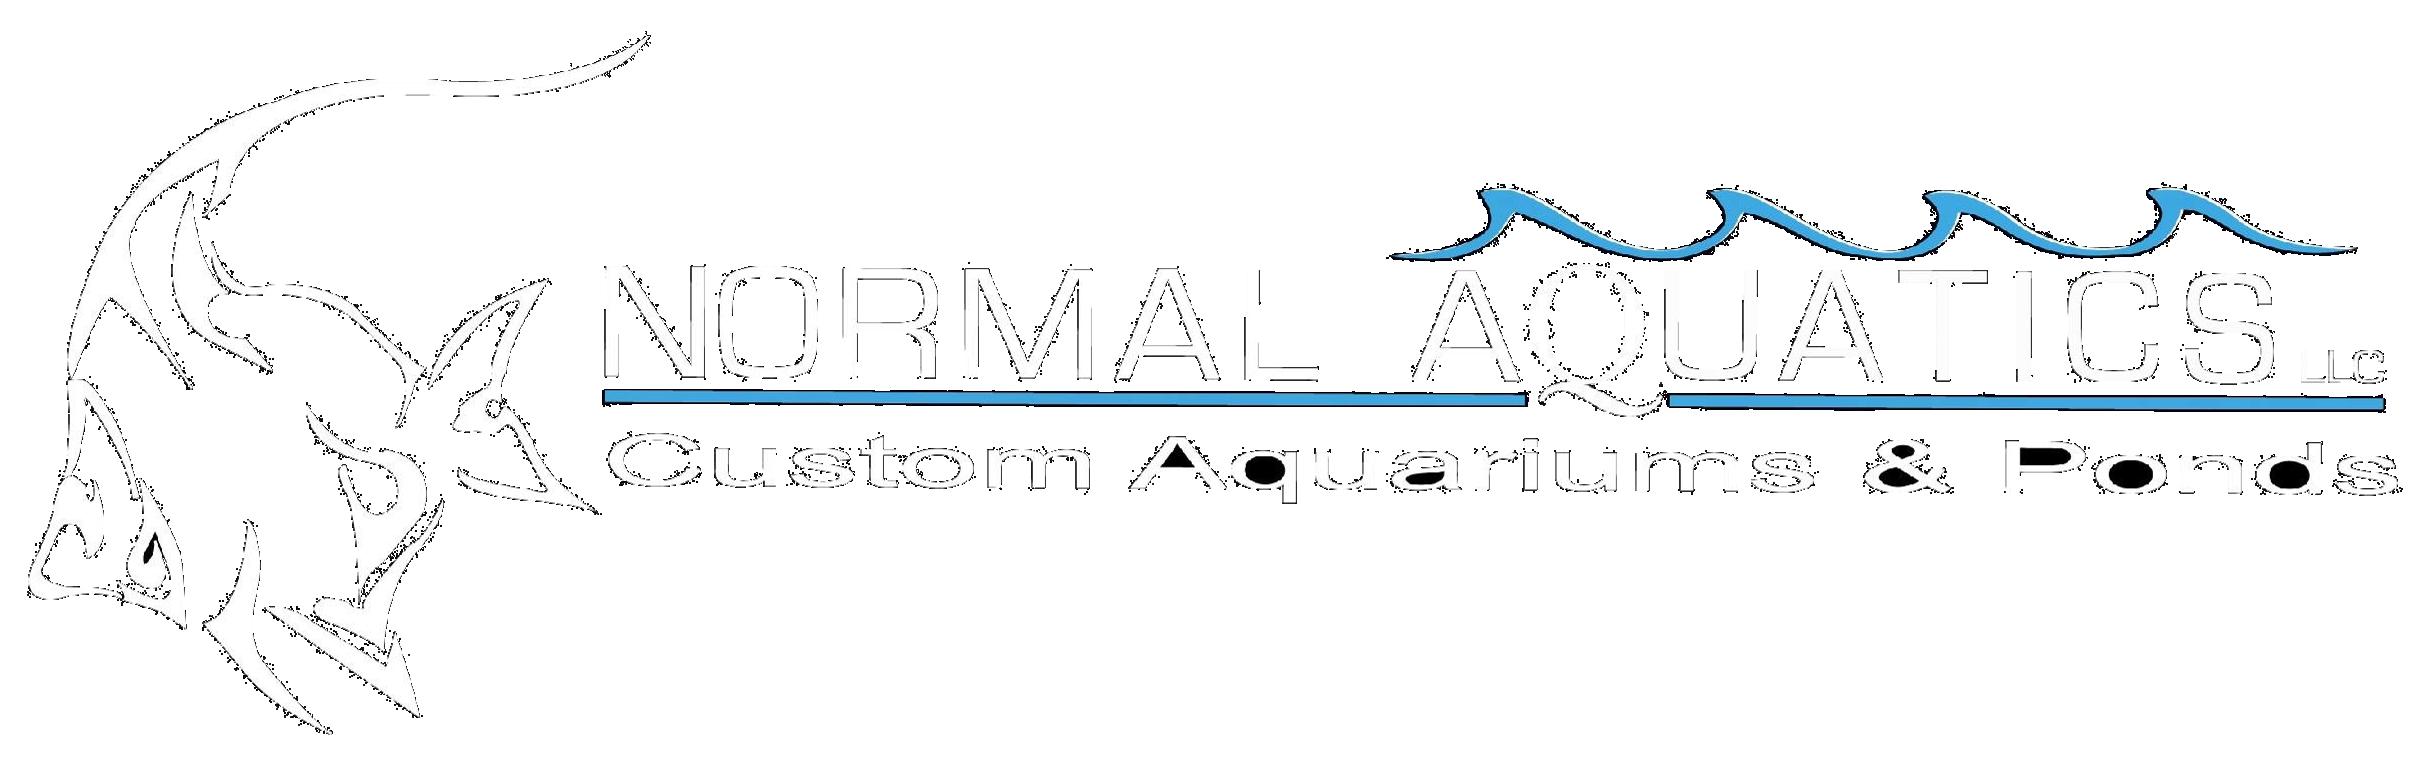 Normal Aquatics - Custom Aquariums & Ponds Install, Maintenance & Repair CT, NY